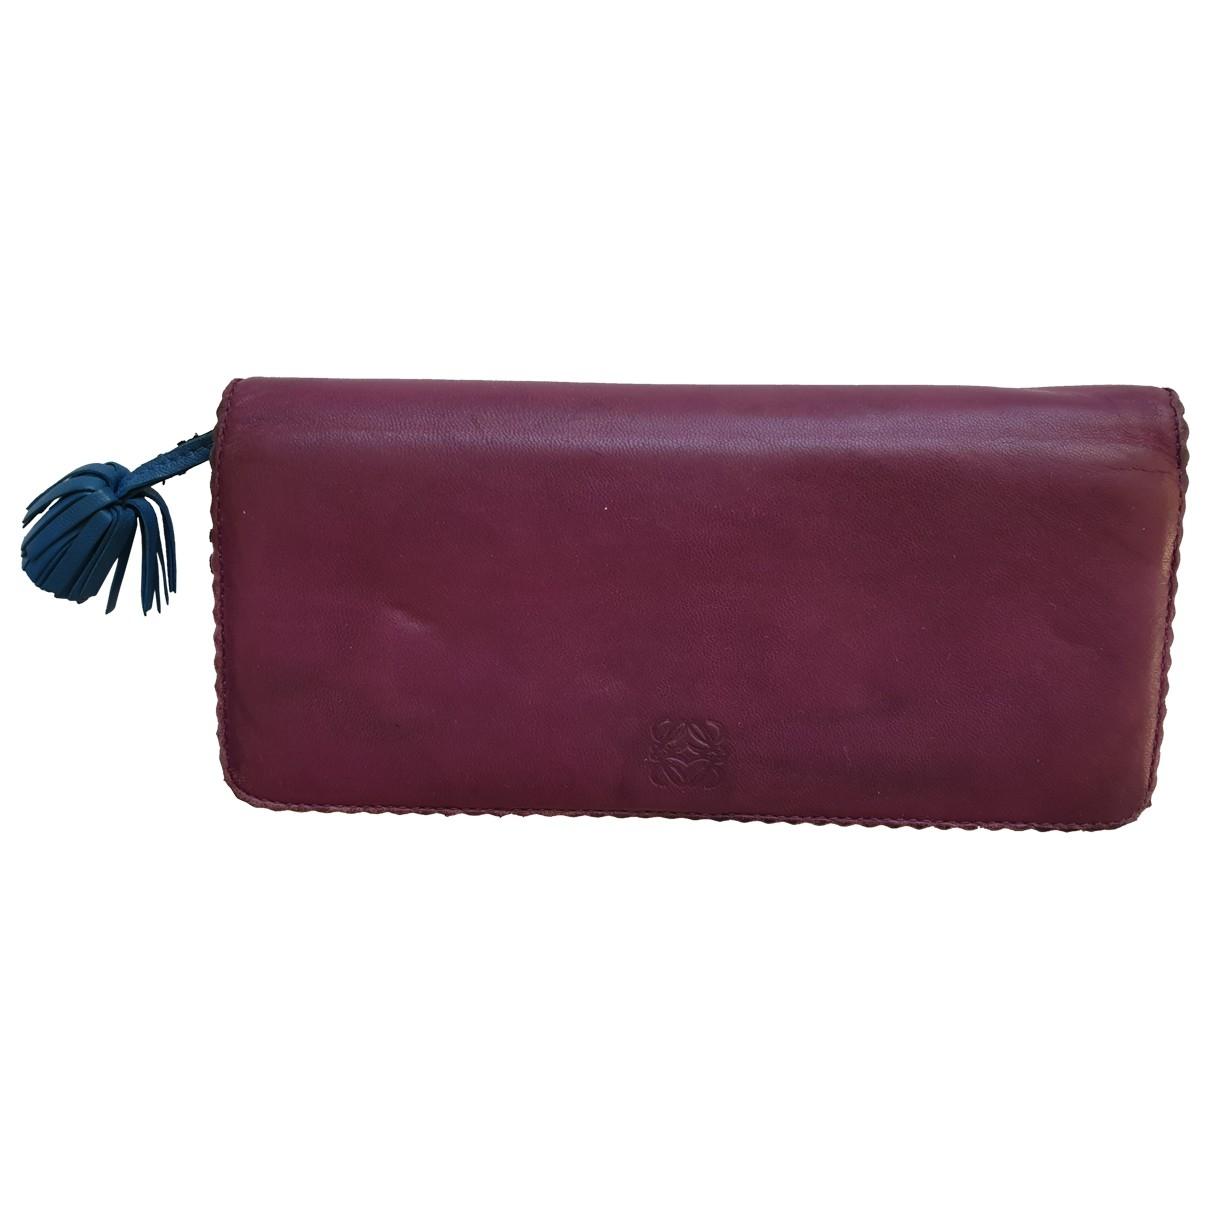 Loewe \N Purple Leather wallet for Women \N